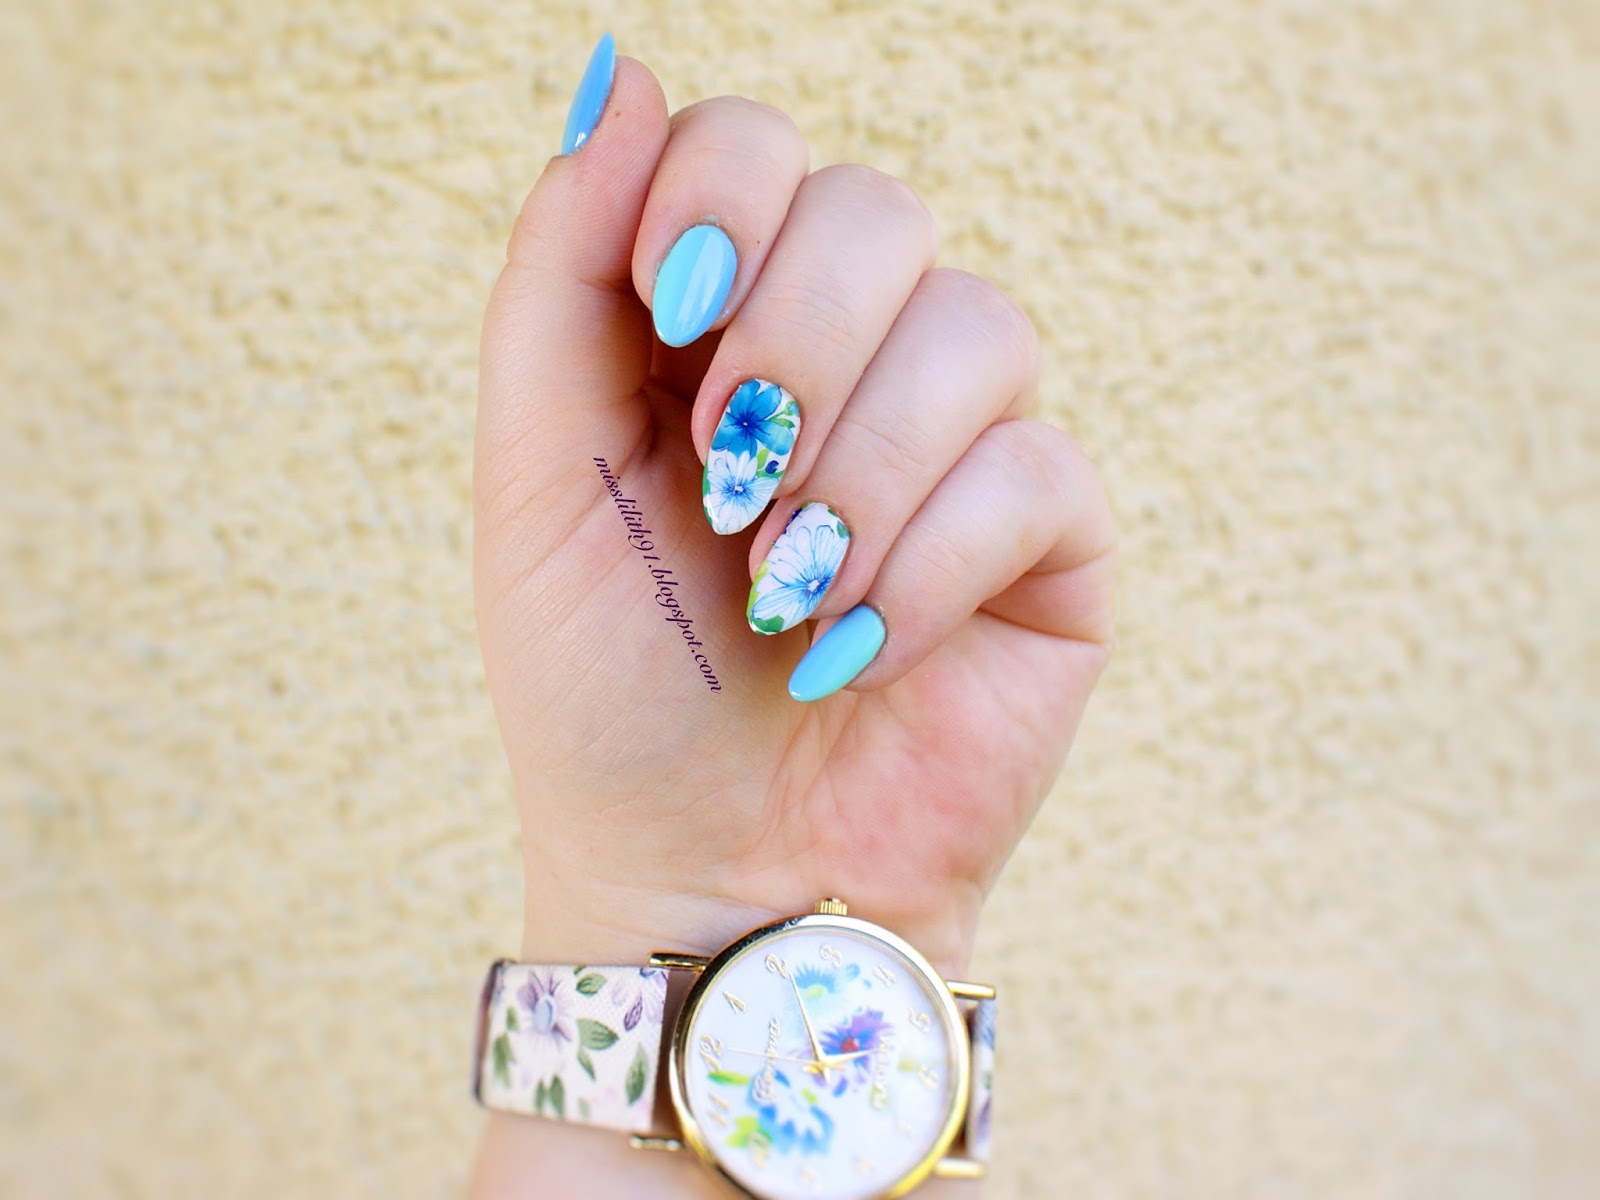 Jak naklejać naklejki wodne na całe paznokcie?